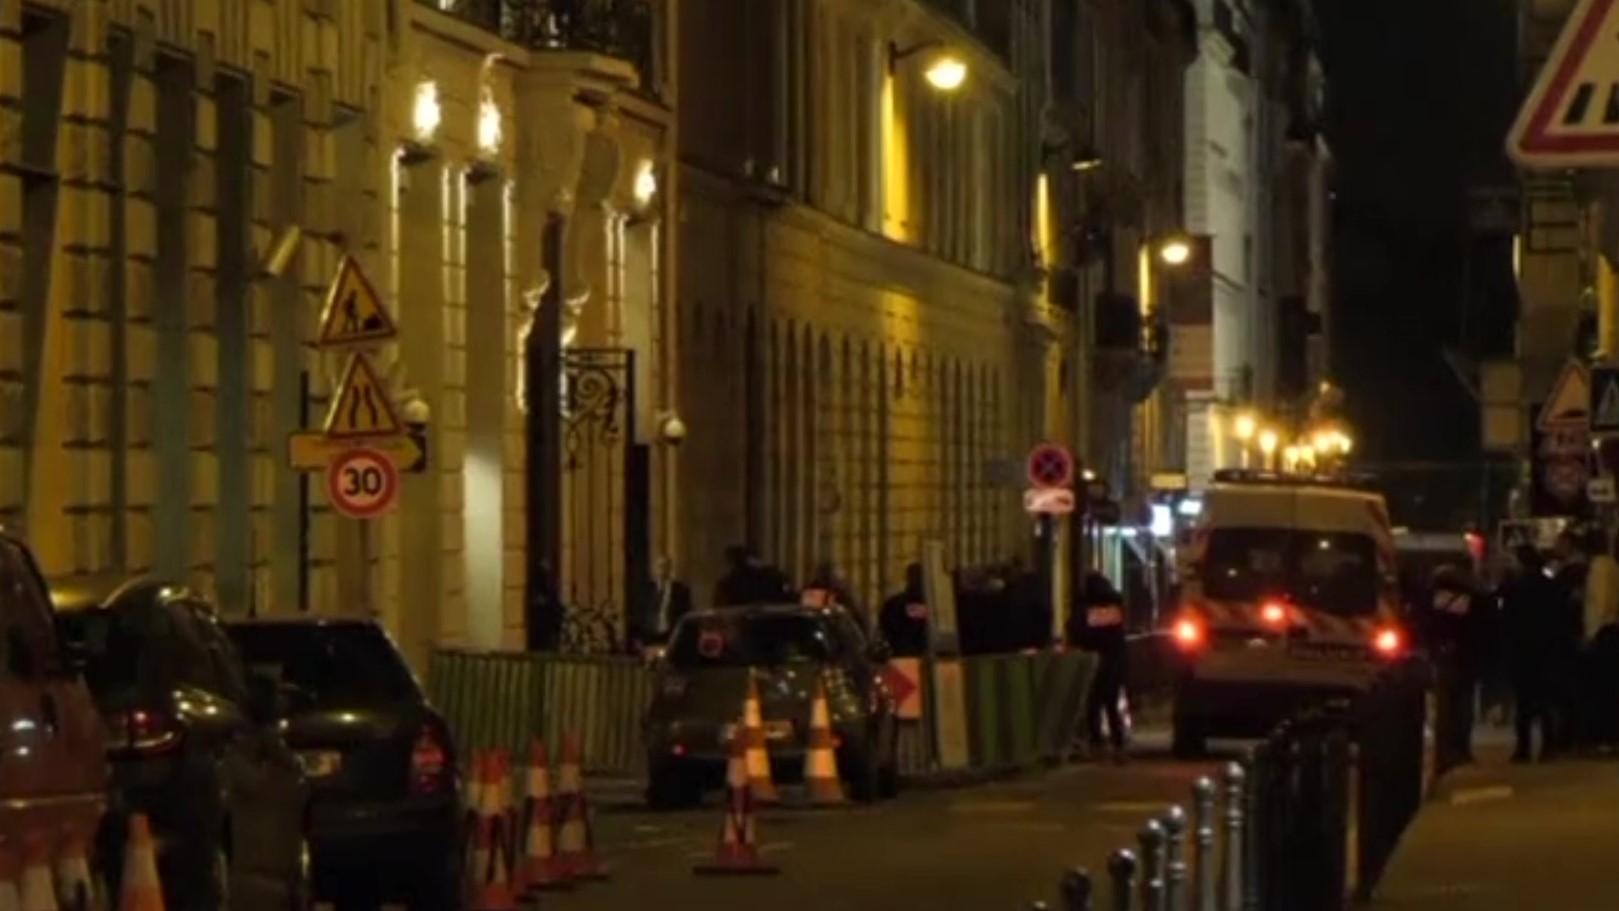 Francë, gjendet një pjesë e bizhuterive të grabitura në një hotel në Paris